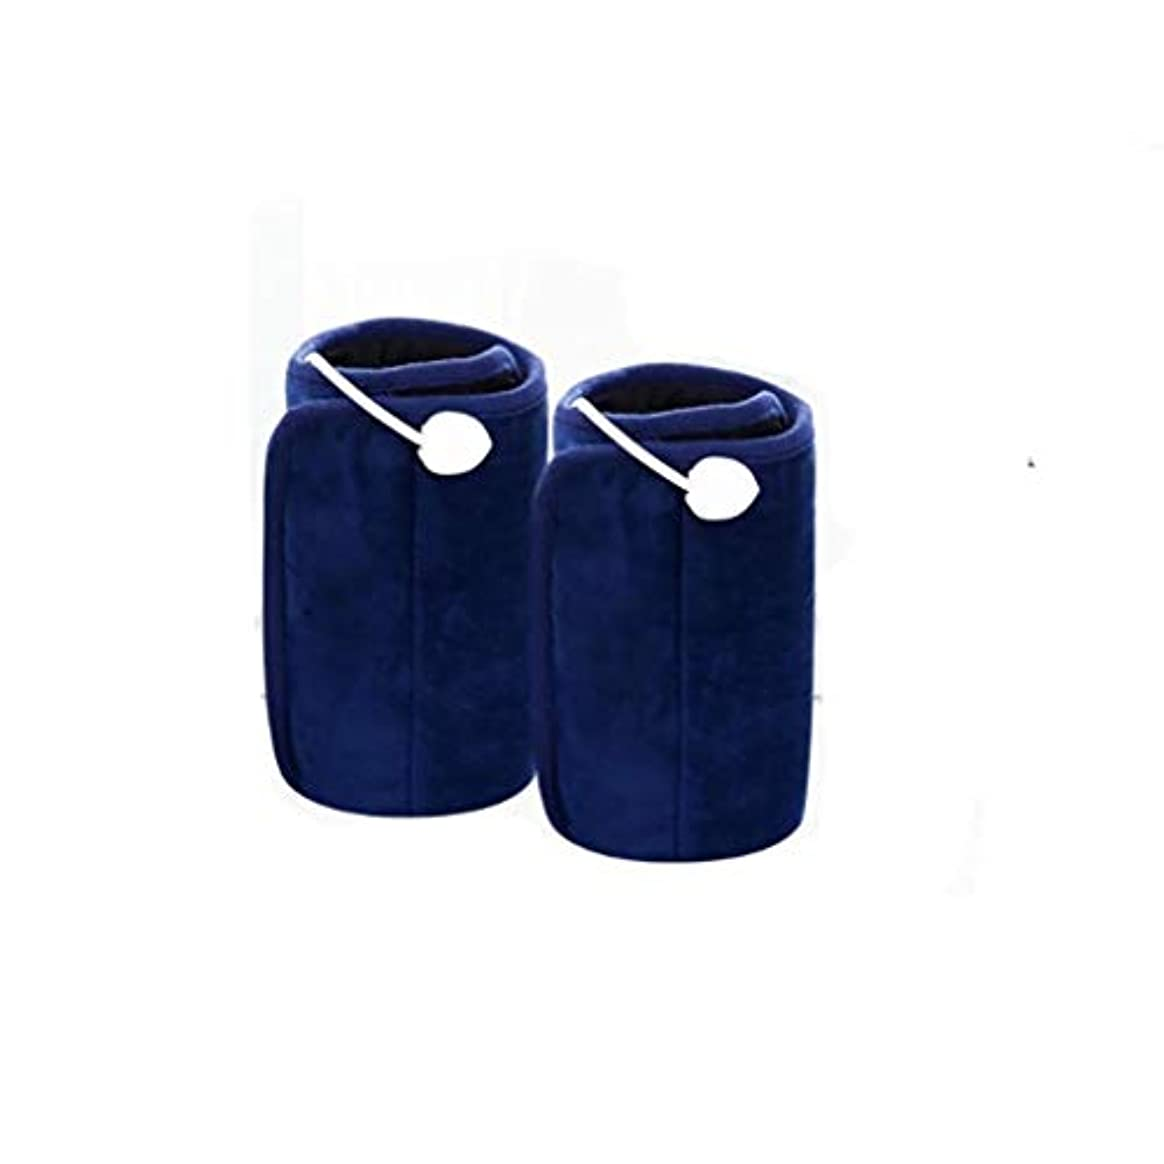 ゆりかごエアコン回転電気膝パッド、温かい古い膝、携帯式膝加熱、360°oxi温かい家庭用スマート温度調整